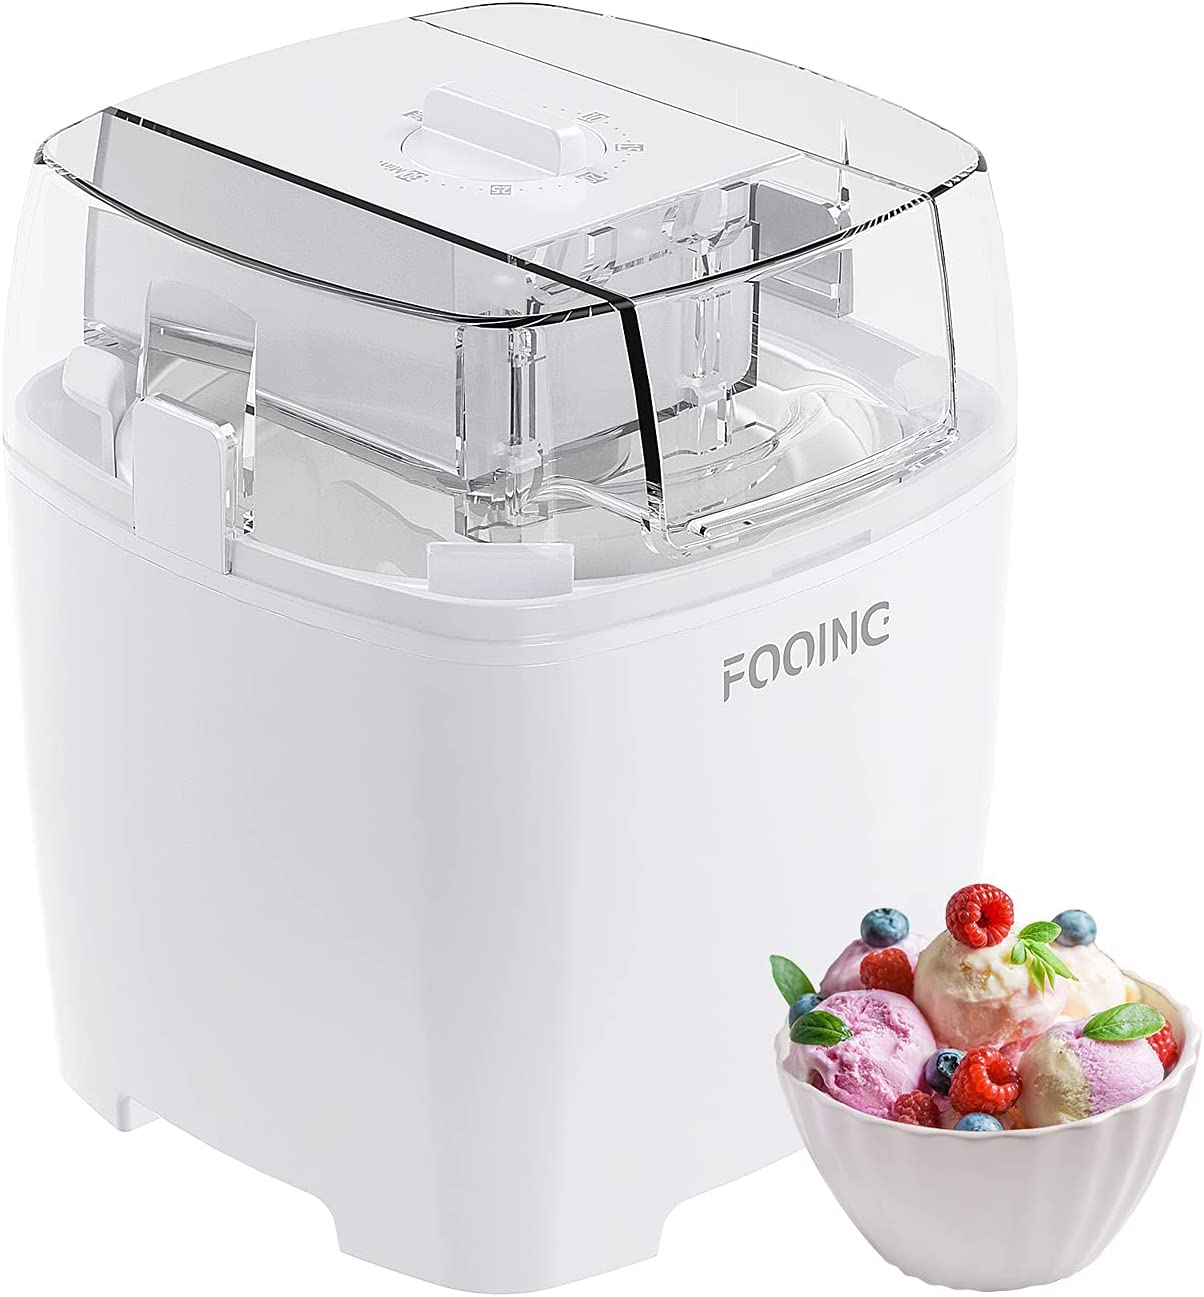 FOOING Ice Cream Makers Countertop Homemade Award-winning store Machine Tucson Mall